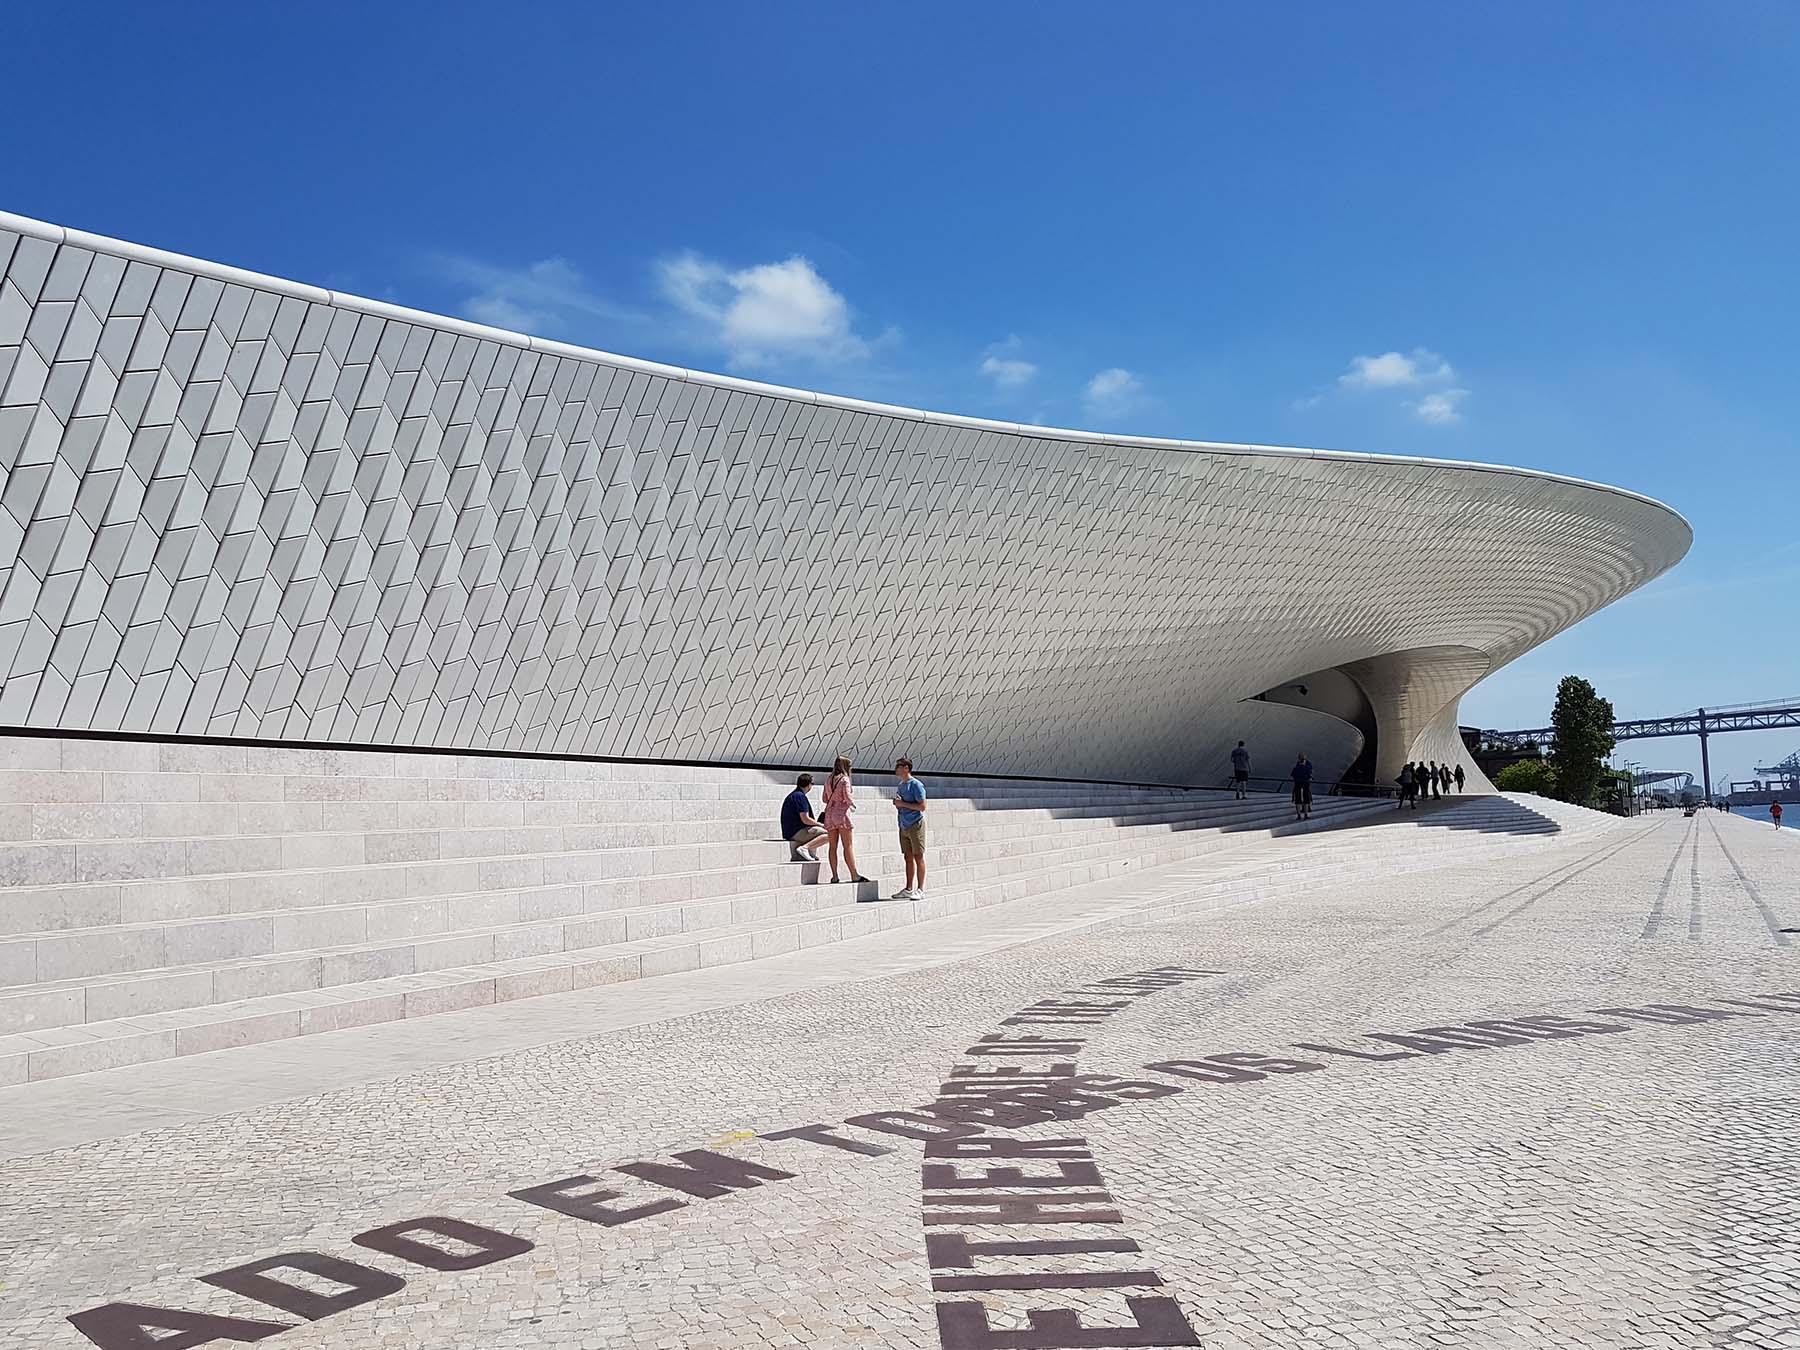 Dicas de passeios a pé em Lisboa: MAAT